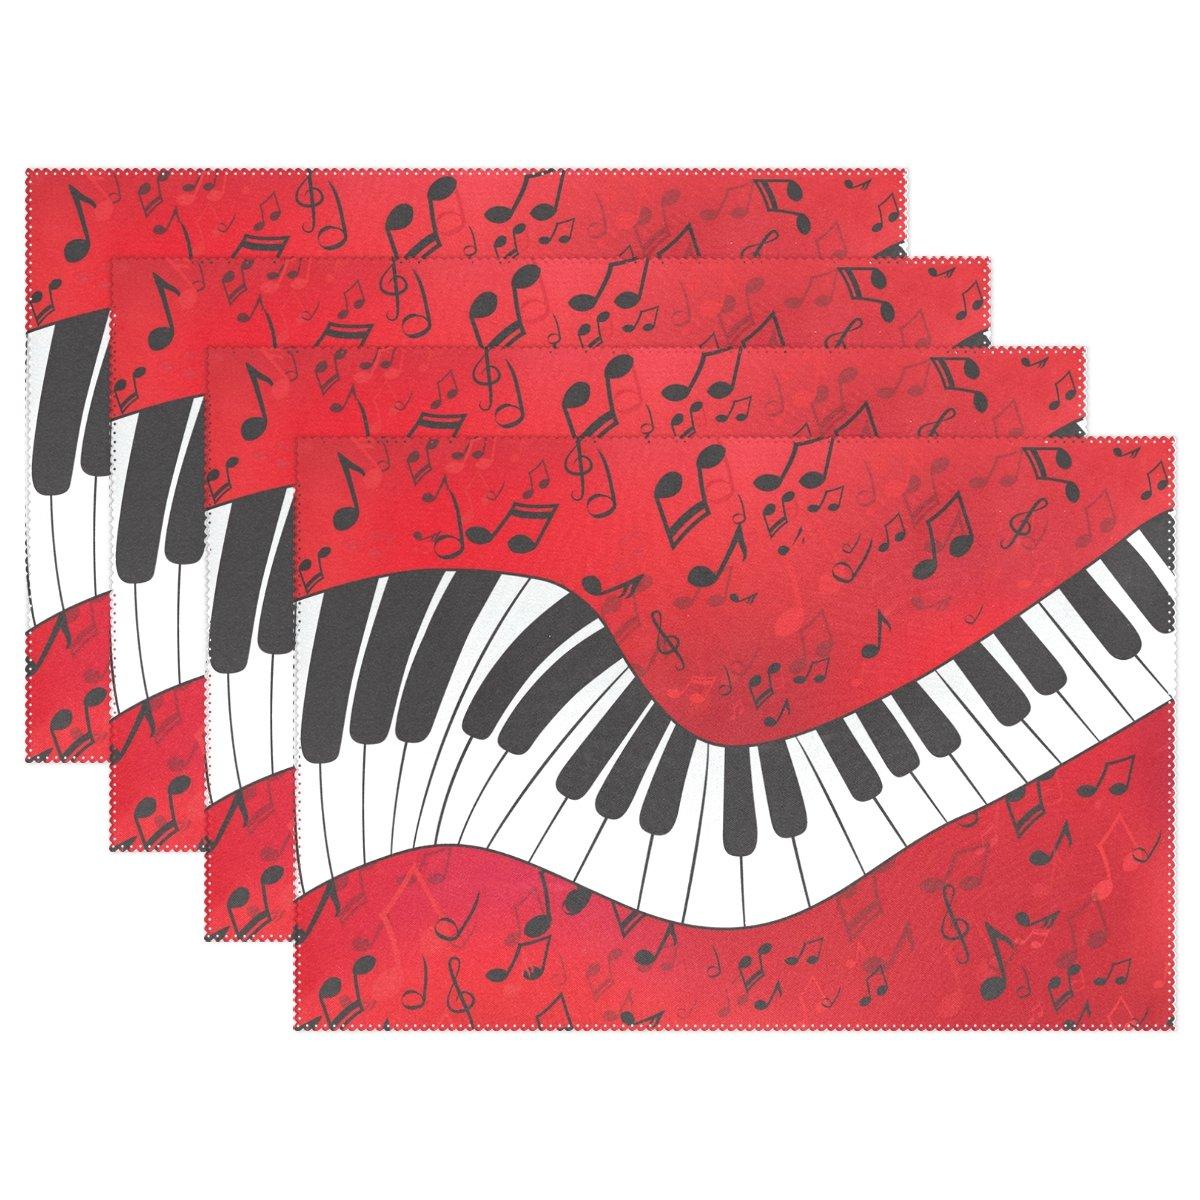 naanleピアノキーレッド音楽ノートプレースマットのセット1 / 4 / 6 Washableテーブルマットキッチンダイニングテーブルfor 12 x 18インチPlaceマット 1084024p145c160s239 4 マルチカラー B074C583Q8